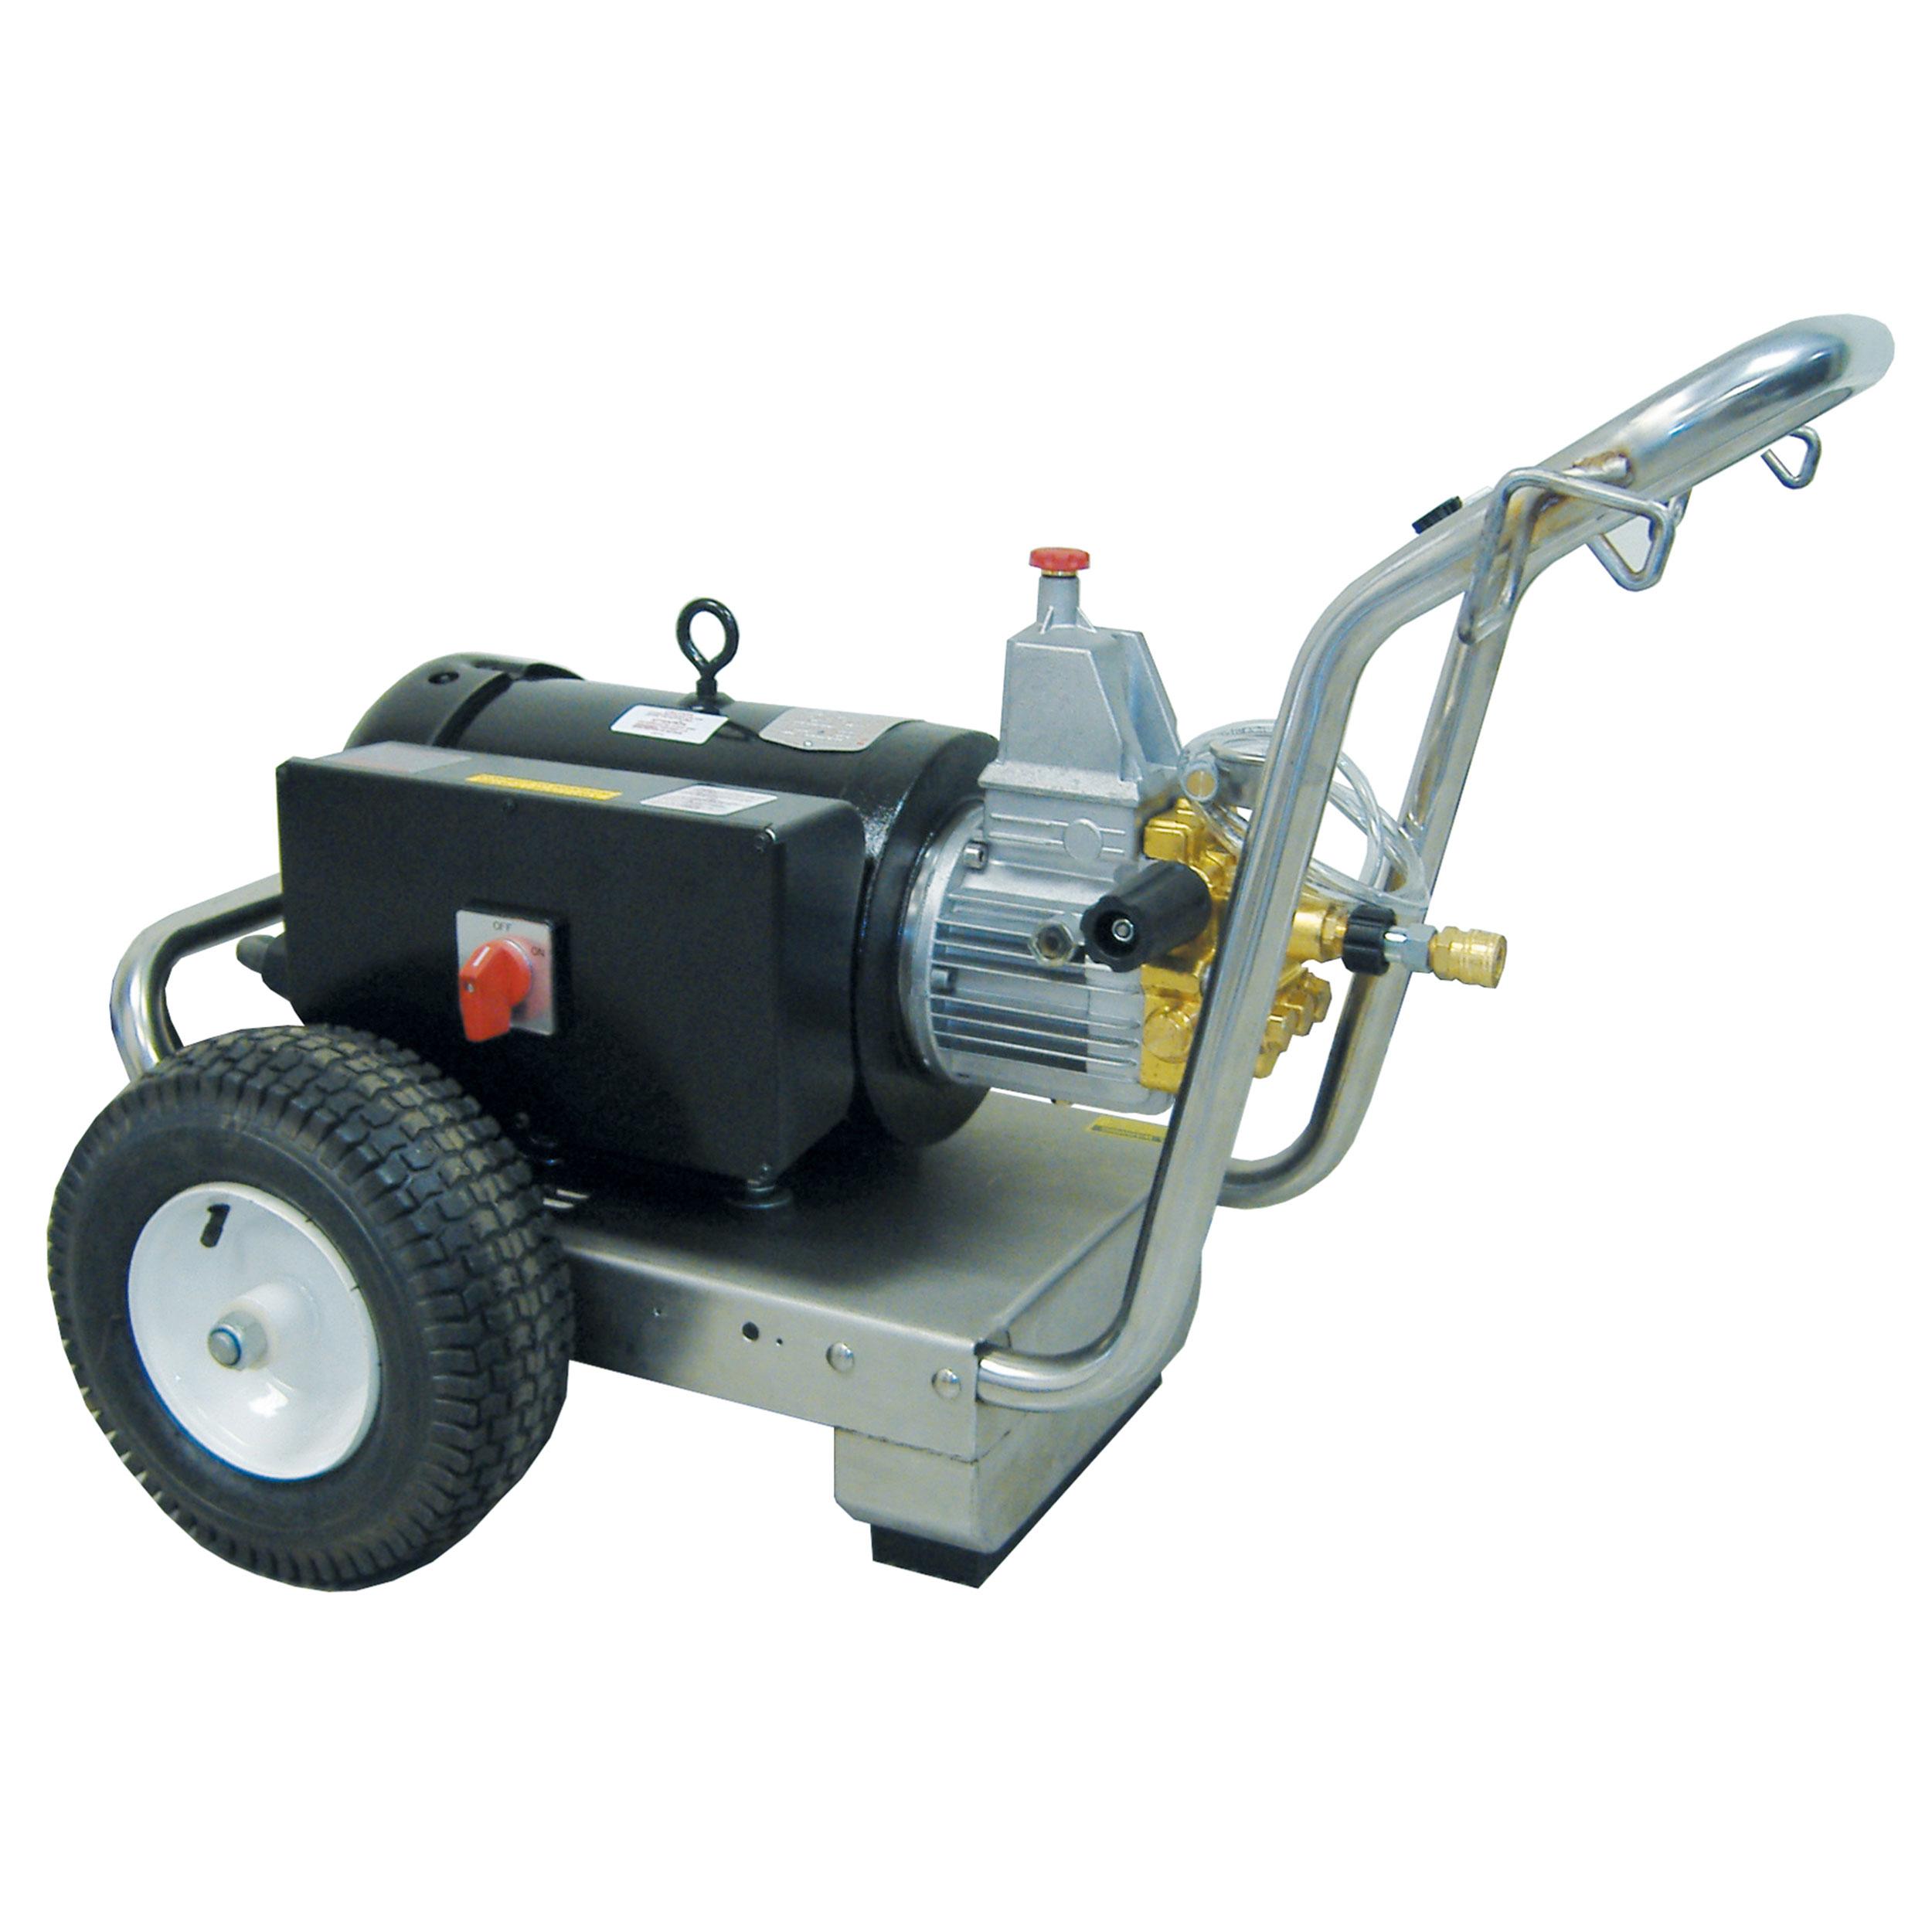 E300-3 Phase Pressure Washer, Cold Water, 220V/440V, 3PH